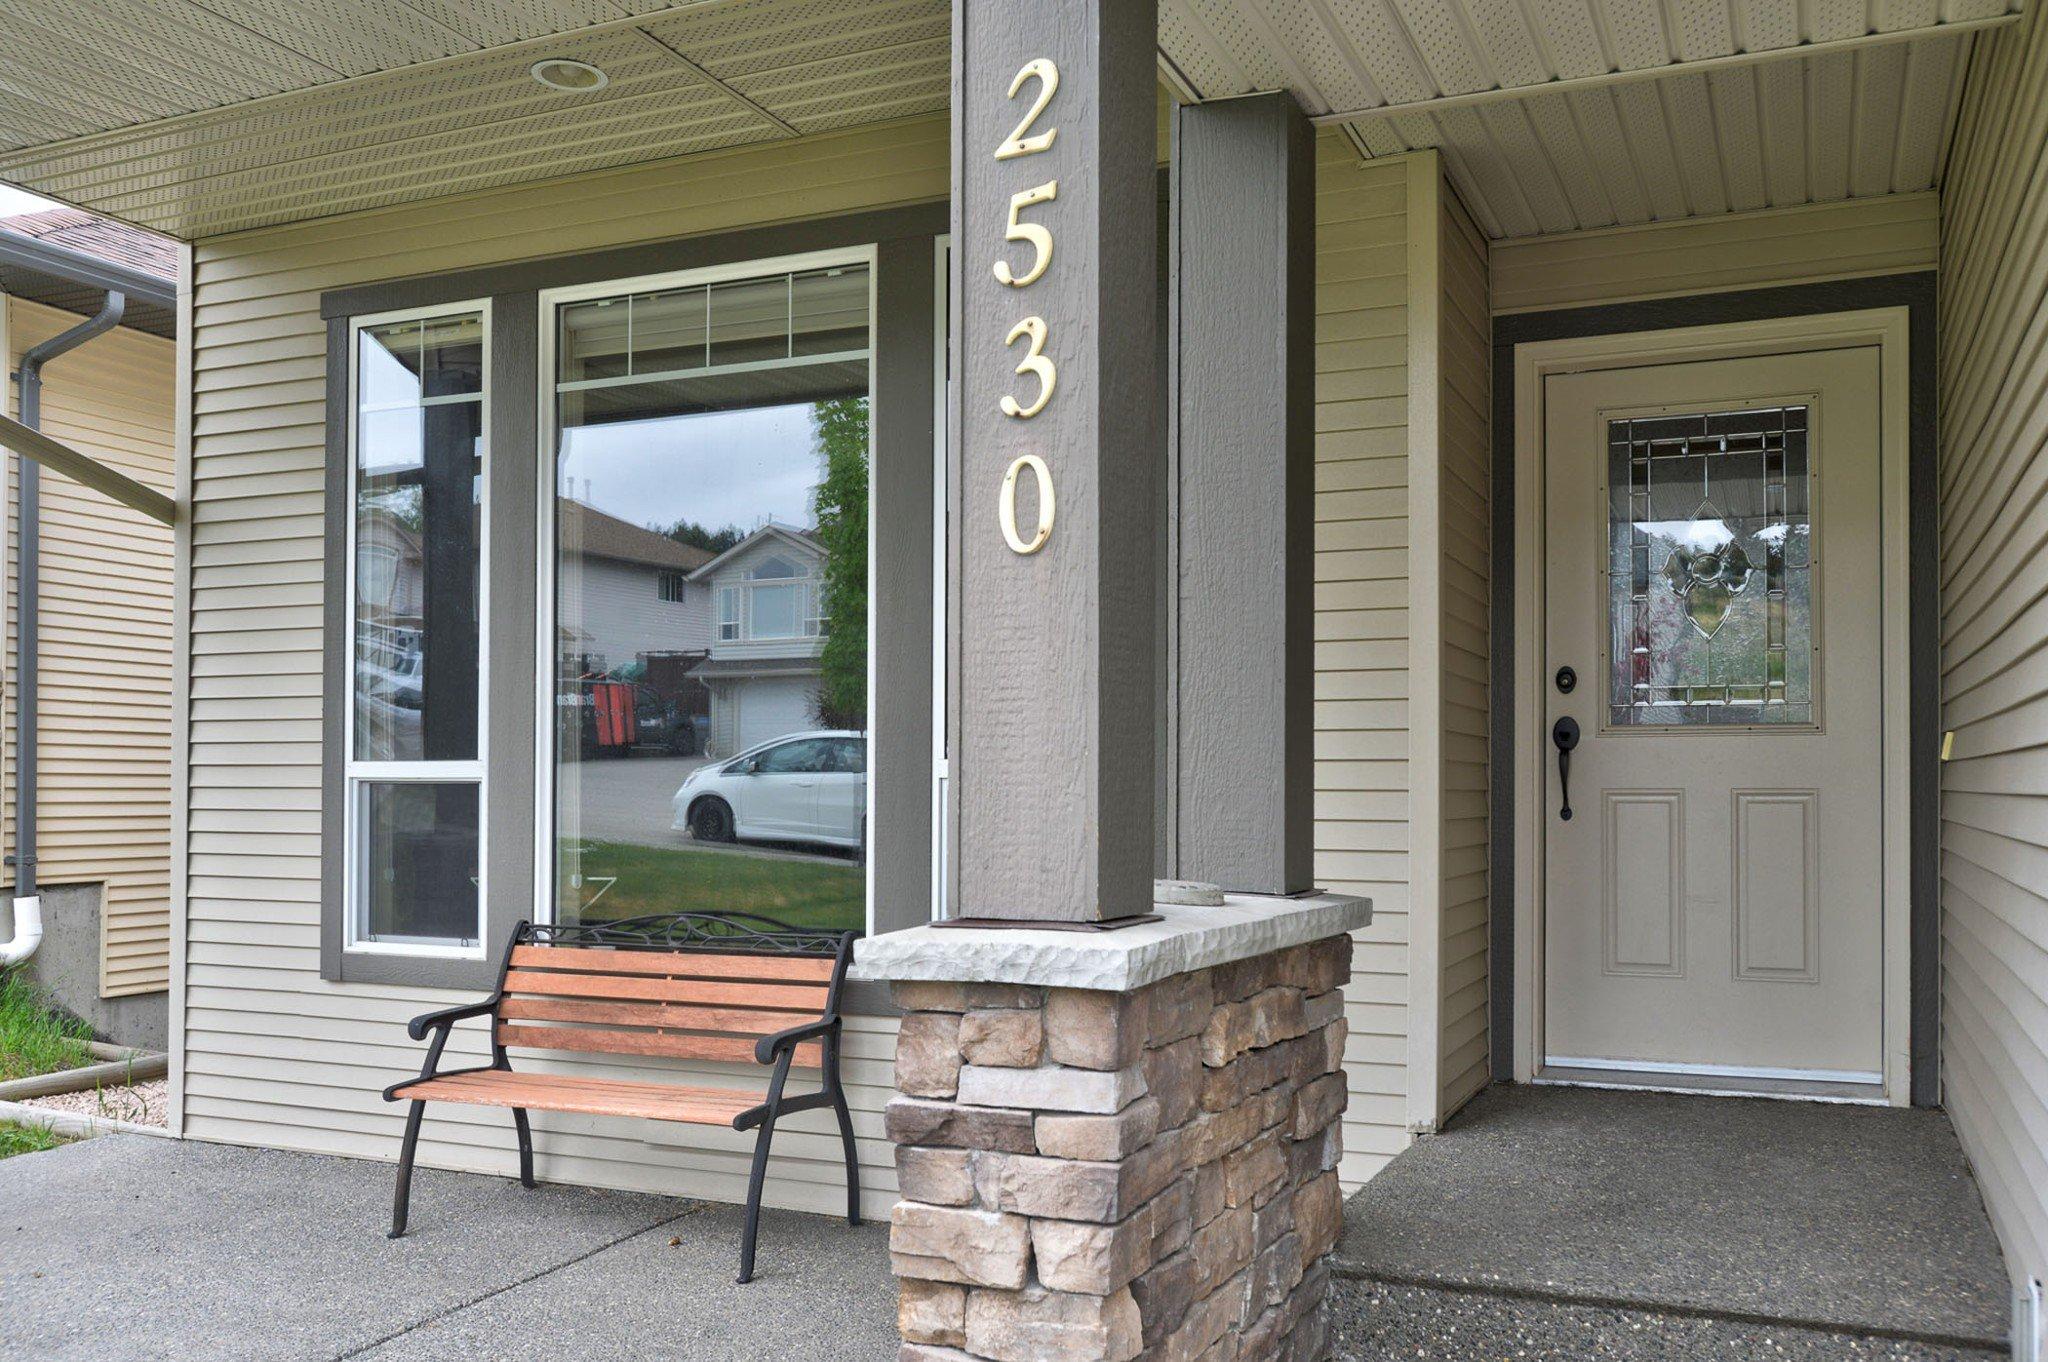 Main Photo: 2530 Abbeyglen Way in Kamloops: Aberdeen House for sale : MLS®# 151441